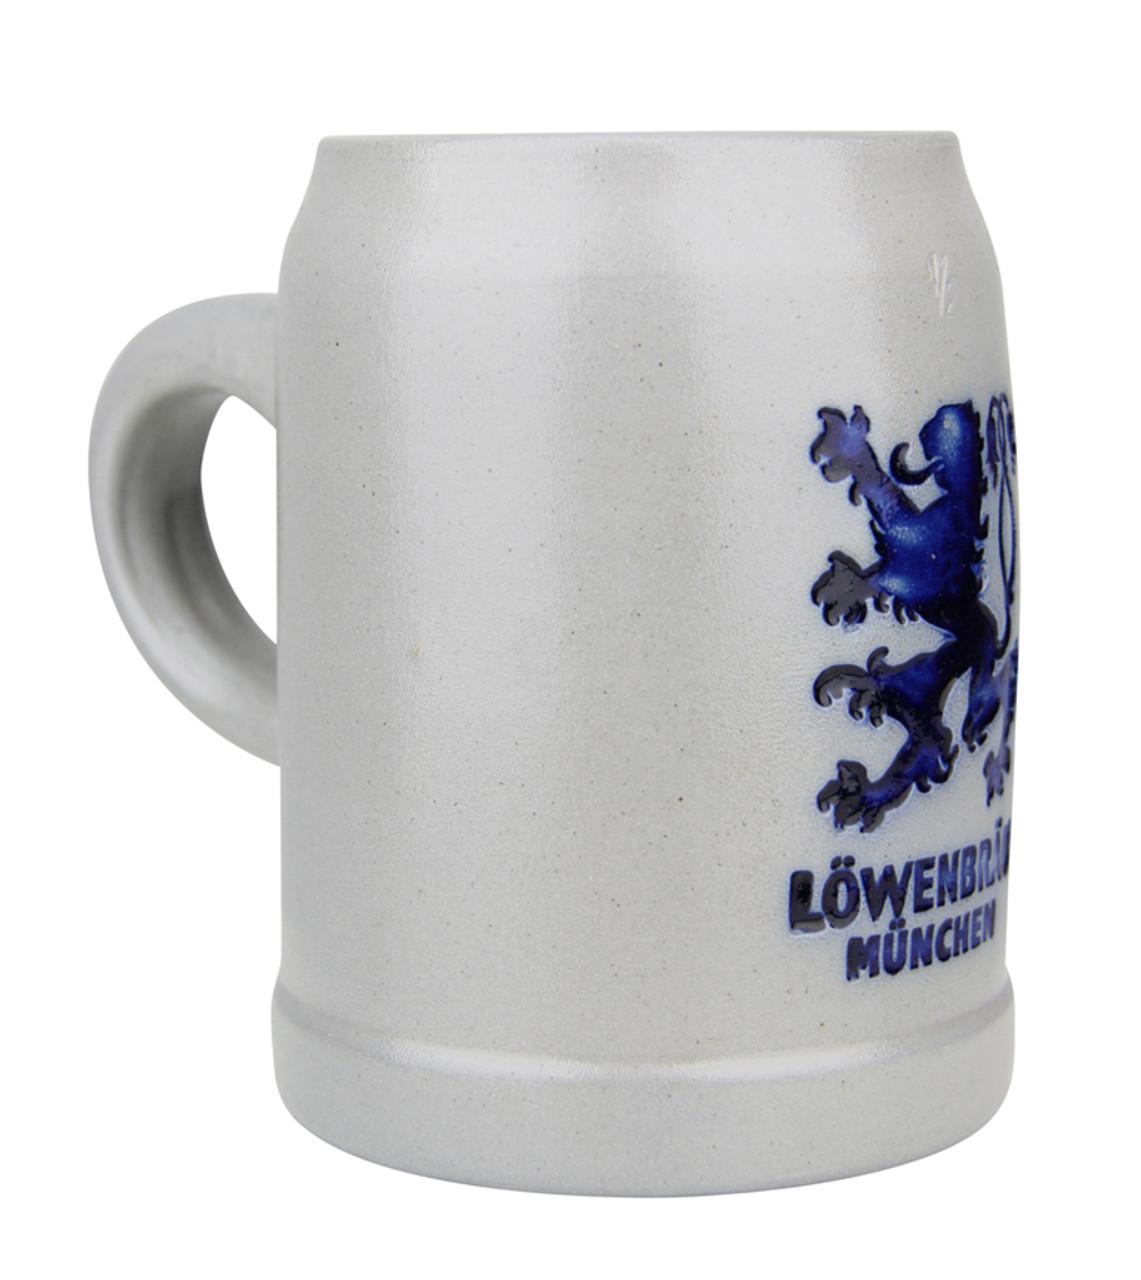 Lowenbrau Muchen Brewery Glazed Gray Beer Mug